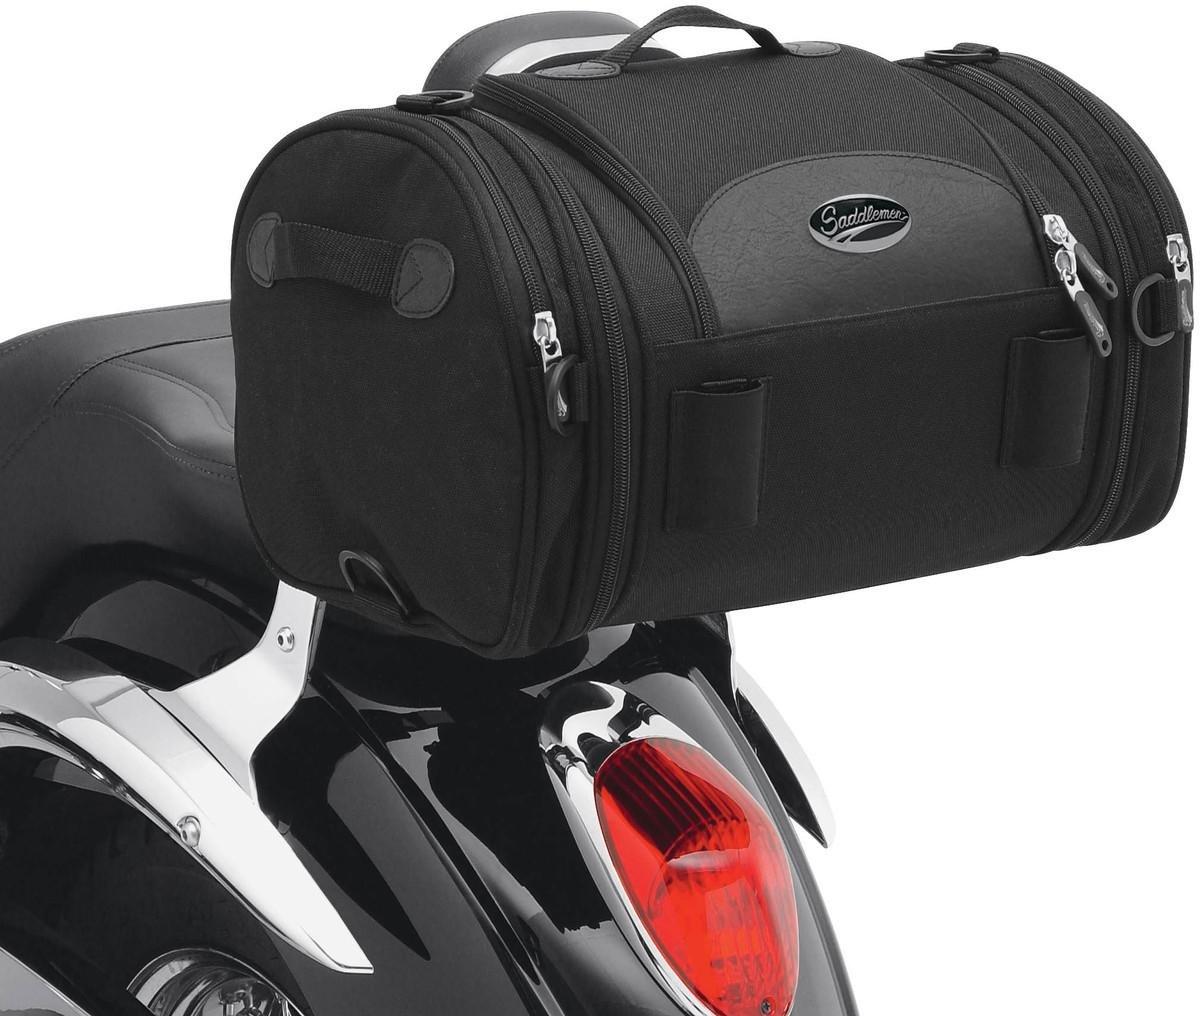 Saddlemen - 3515-0075 - R1300LXE Deluxe Roll Bag